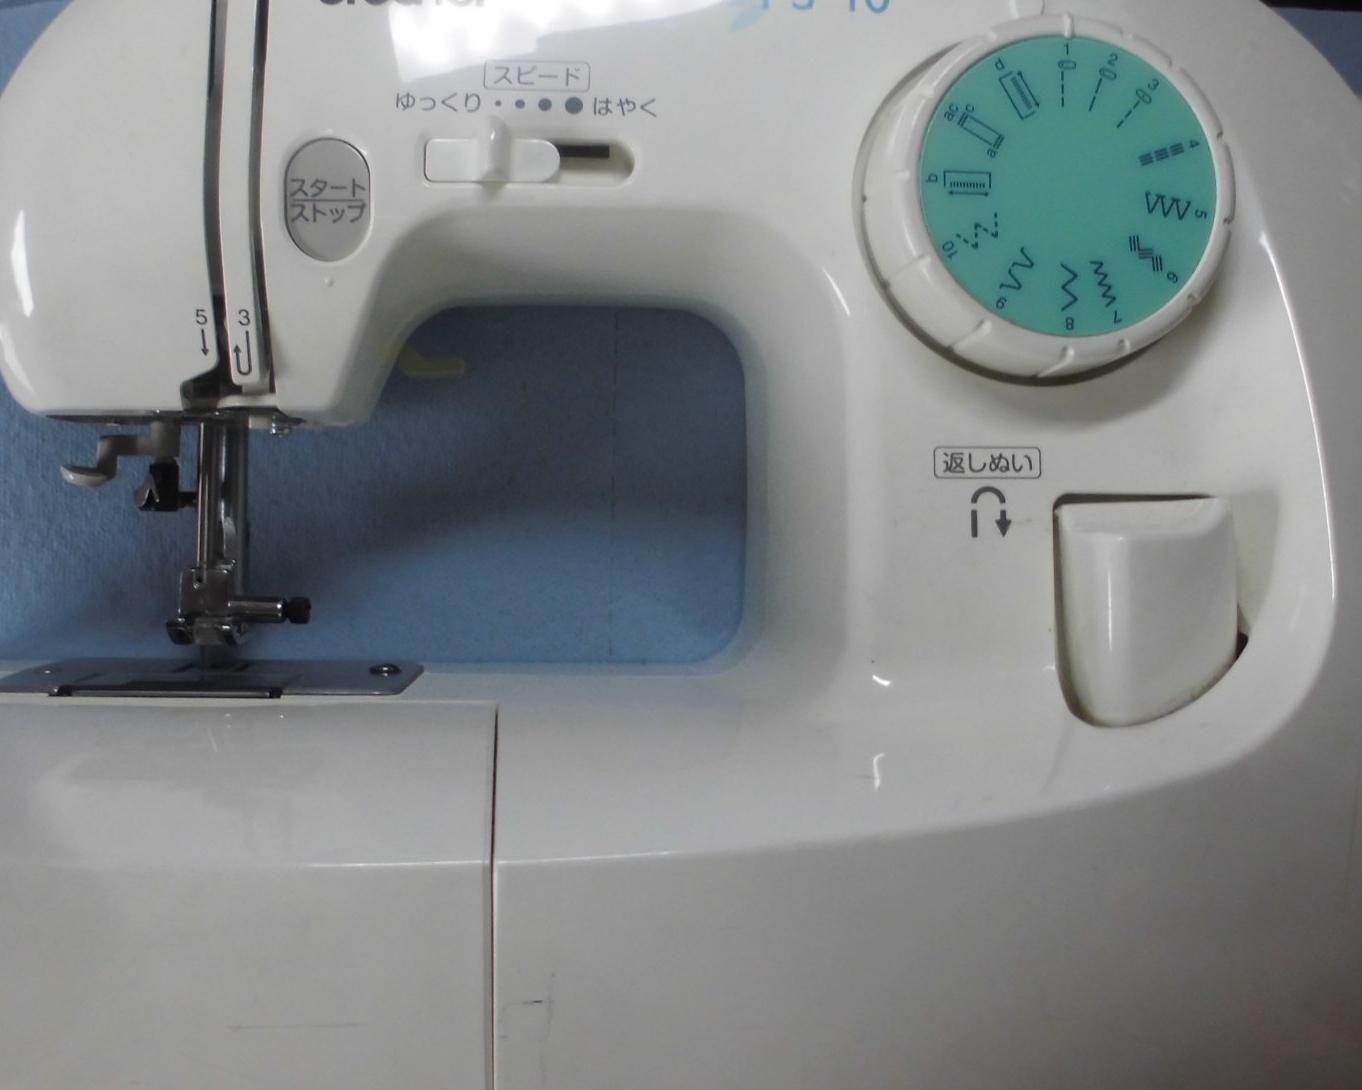 ブラザーミシン修理|EL125 PSE-10|コンパクトミシン|下糸を拾わない、縫えない、釜ずれ(タイミング)